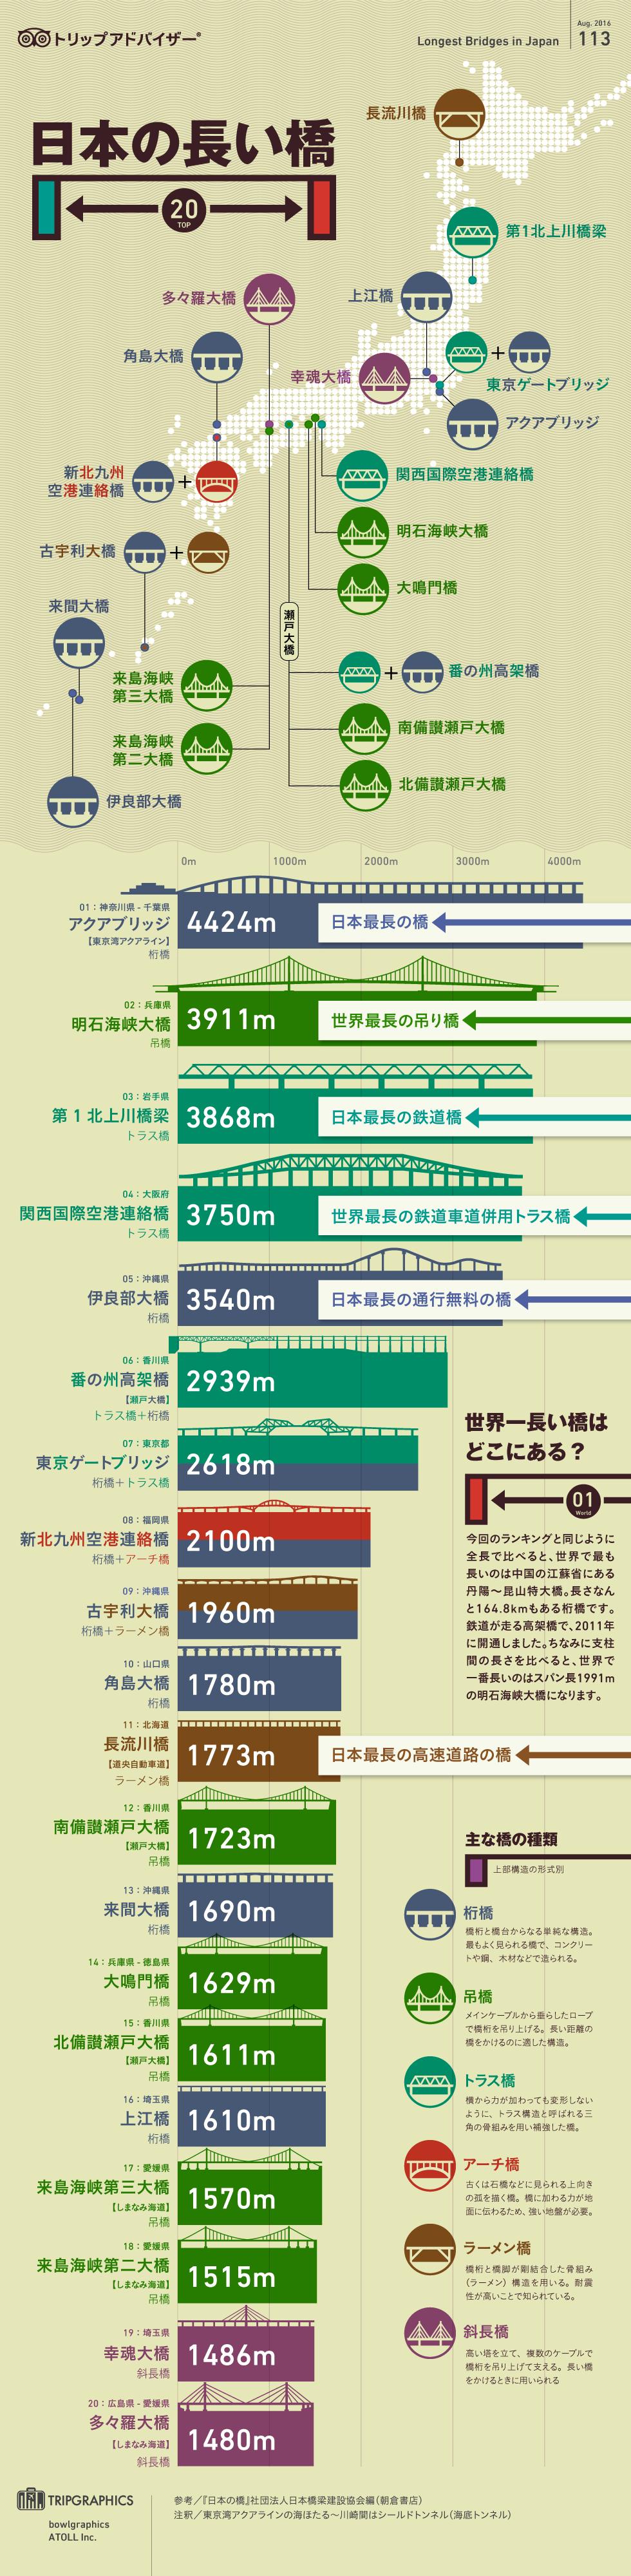 インフォグラフィック:長い橋国内ランキング。誰もが驚くベタ踏み坂は日本一急な橋